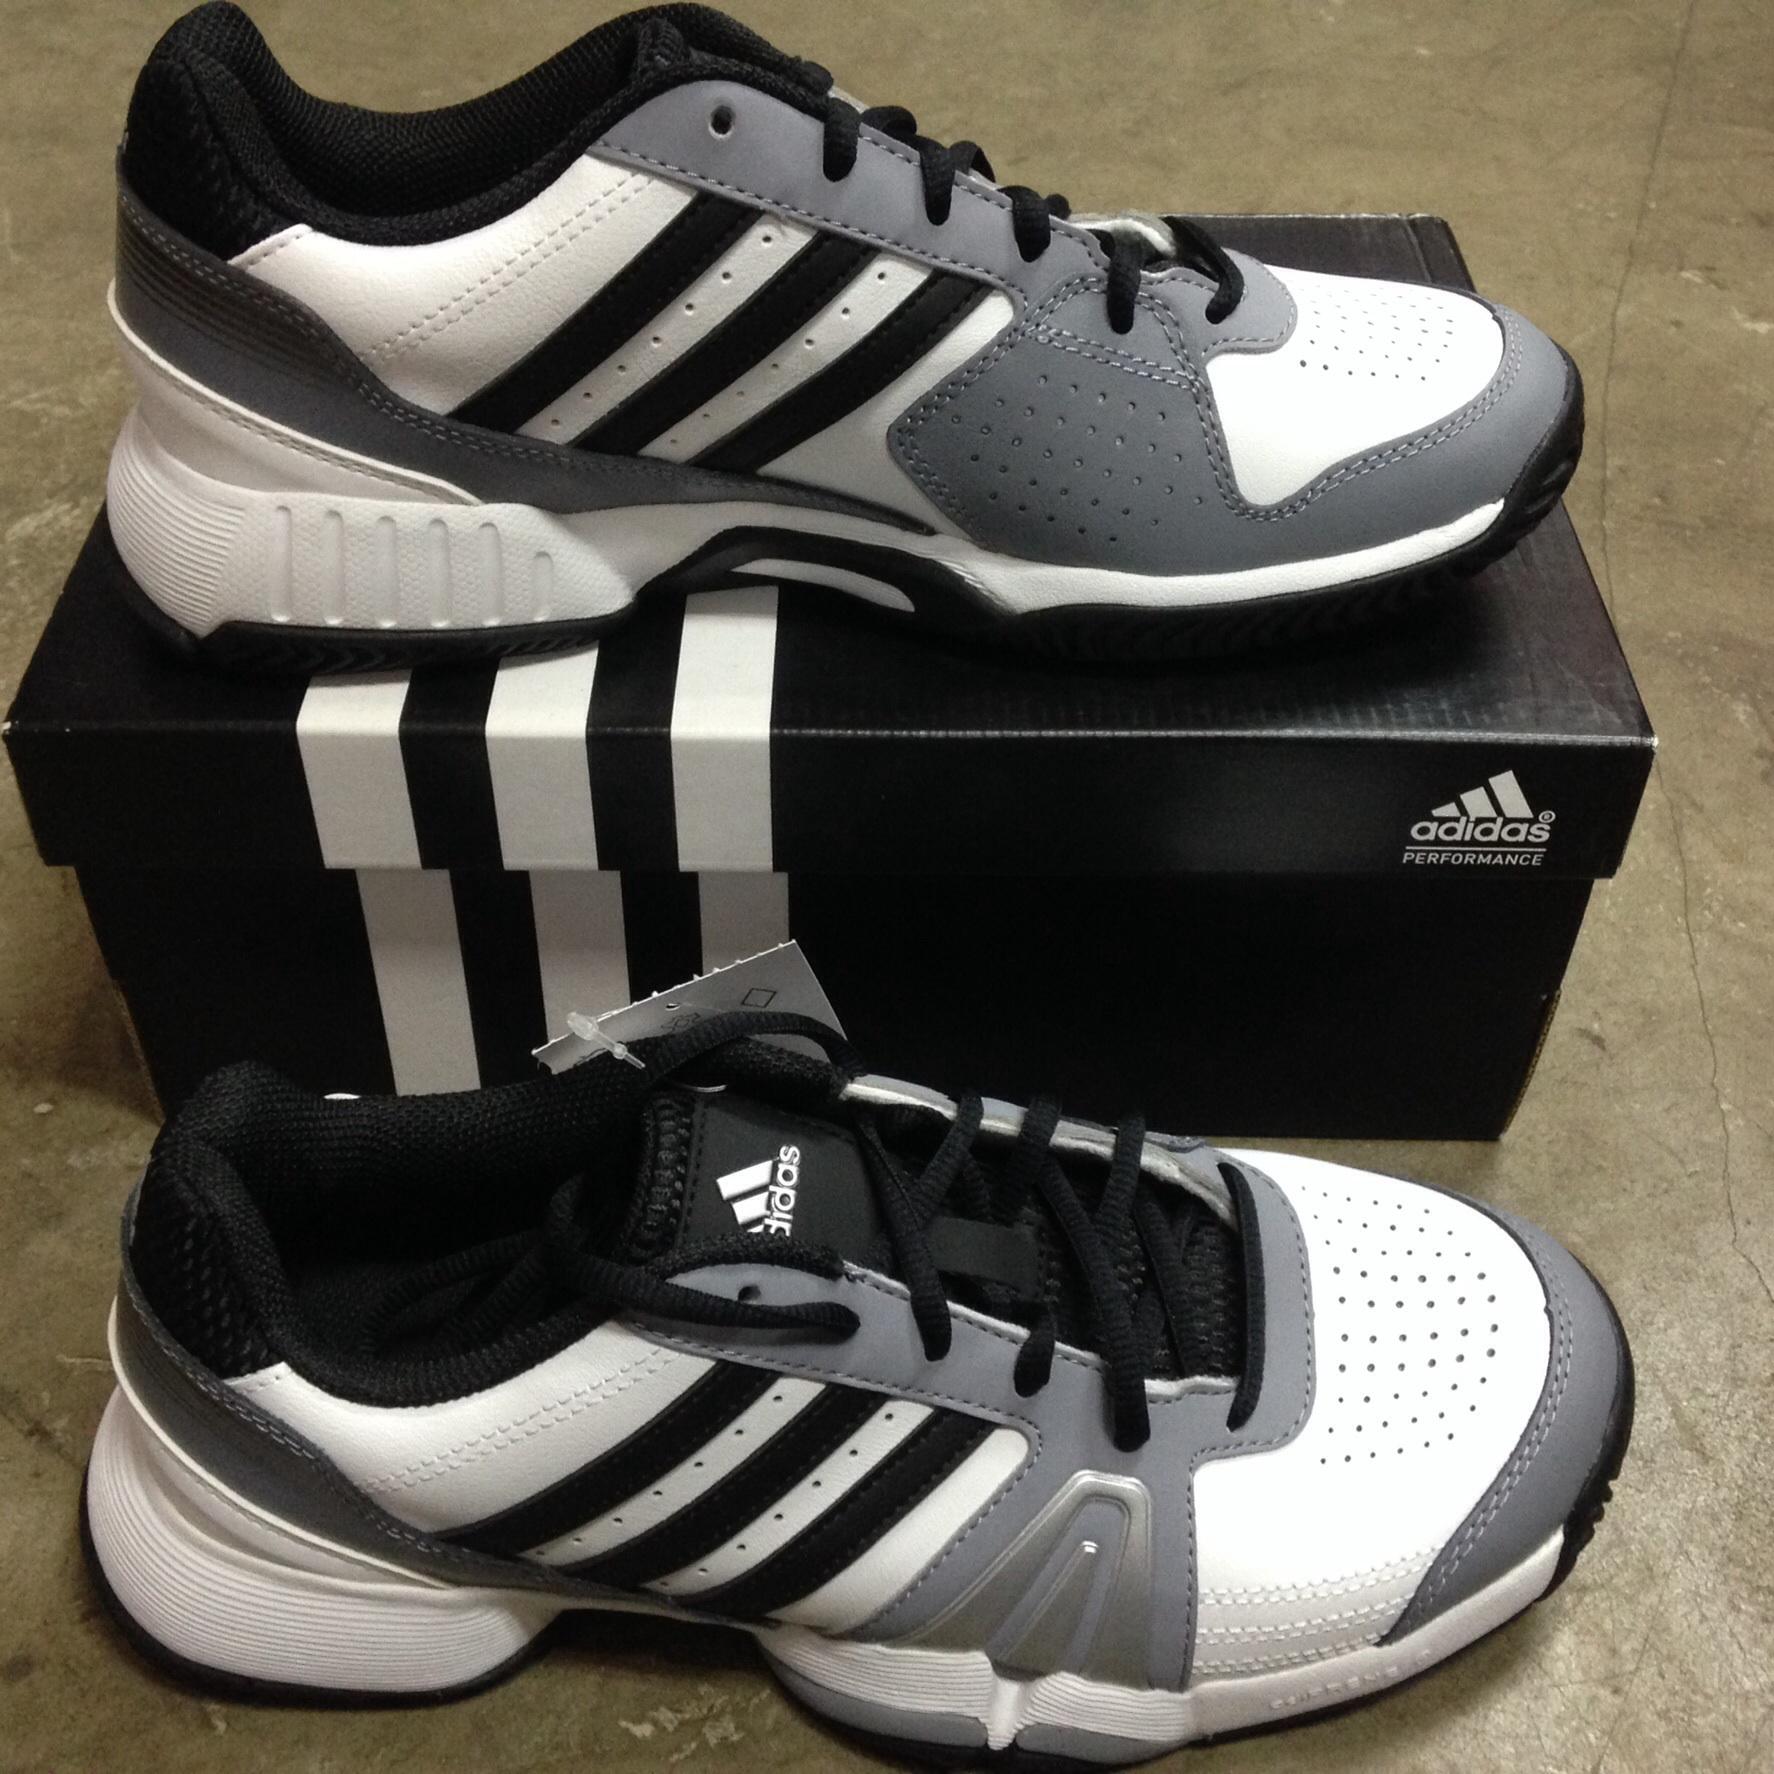 Jual Adidas Bercuda 3 Abu abu Size 42 Sepatu Tenis Sportsite